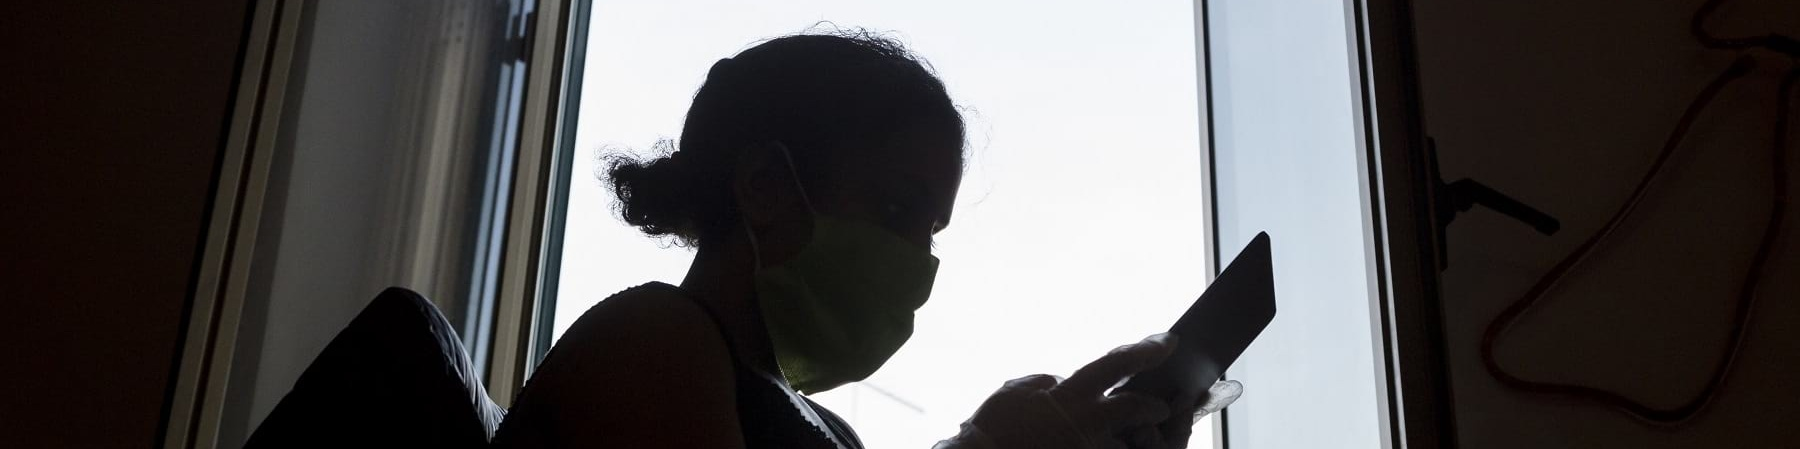 Sagoma nera in controluce di una bambina davanti a una finestra che tiene in mano un tablet e ne guarda lo schermo